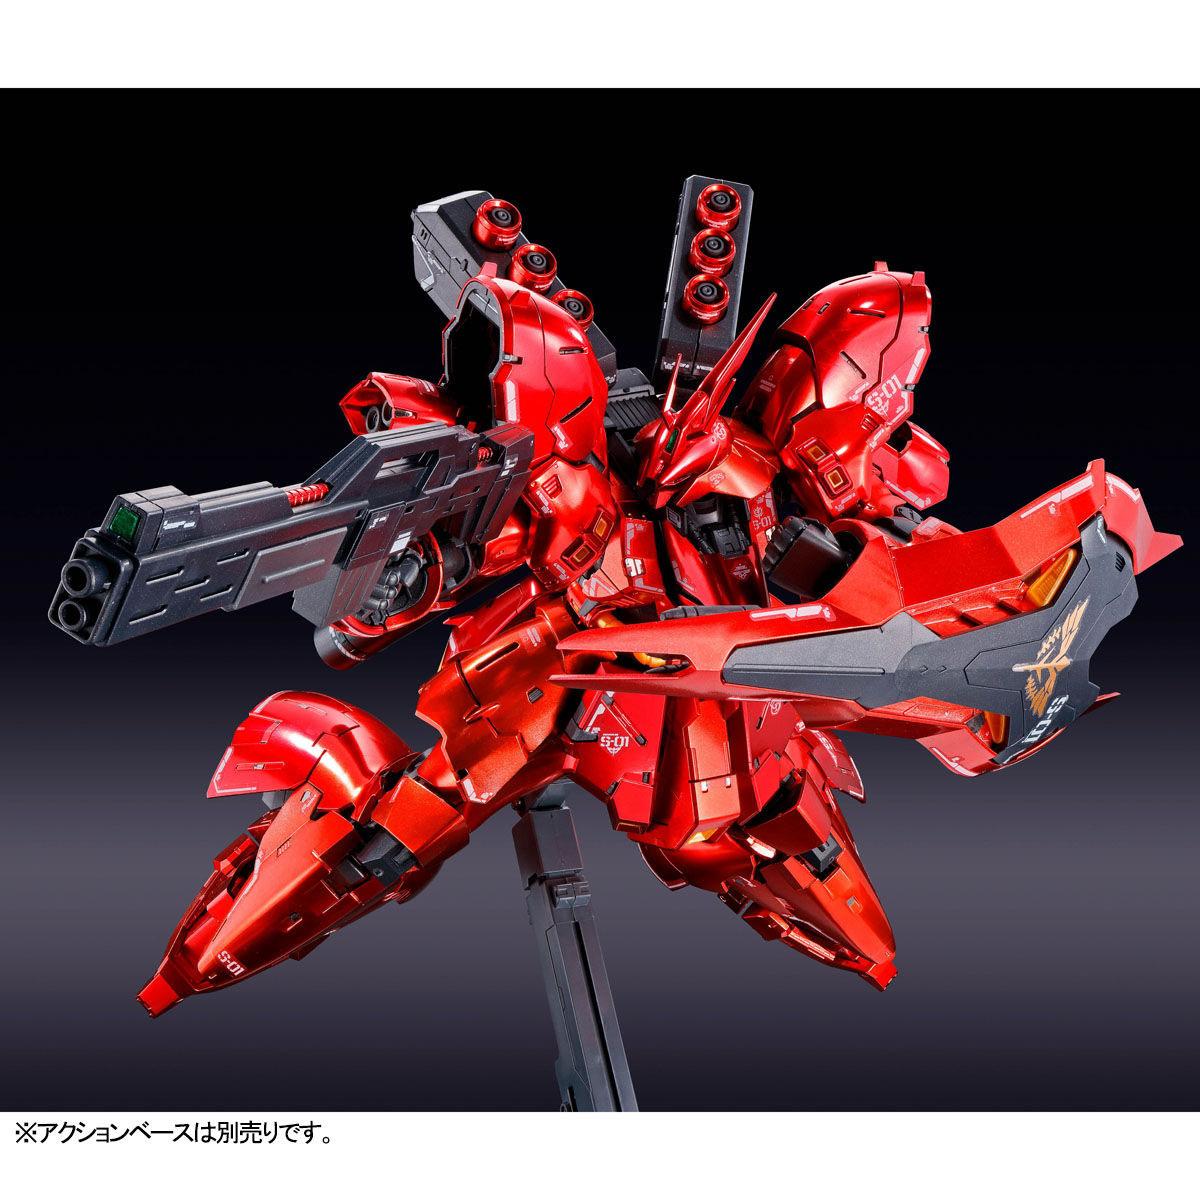 RG 1/144『サザビー[スペシャルコーティング]』機動戦士ガンダム 逆襲のシャア プラモデル-004